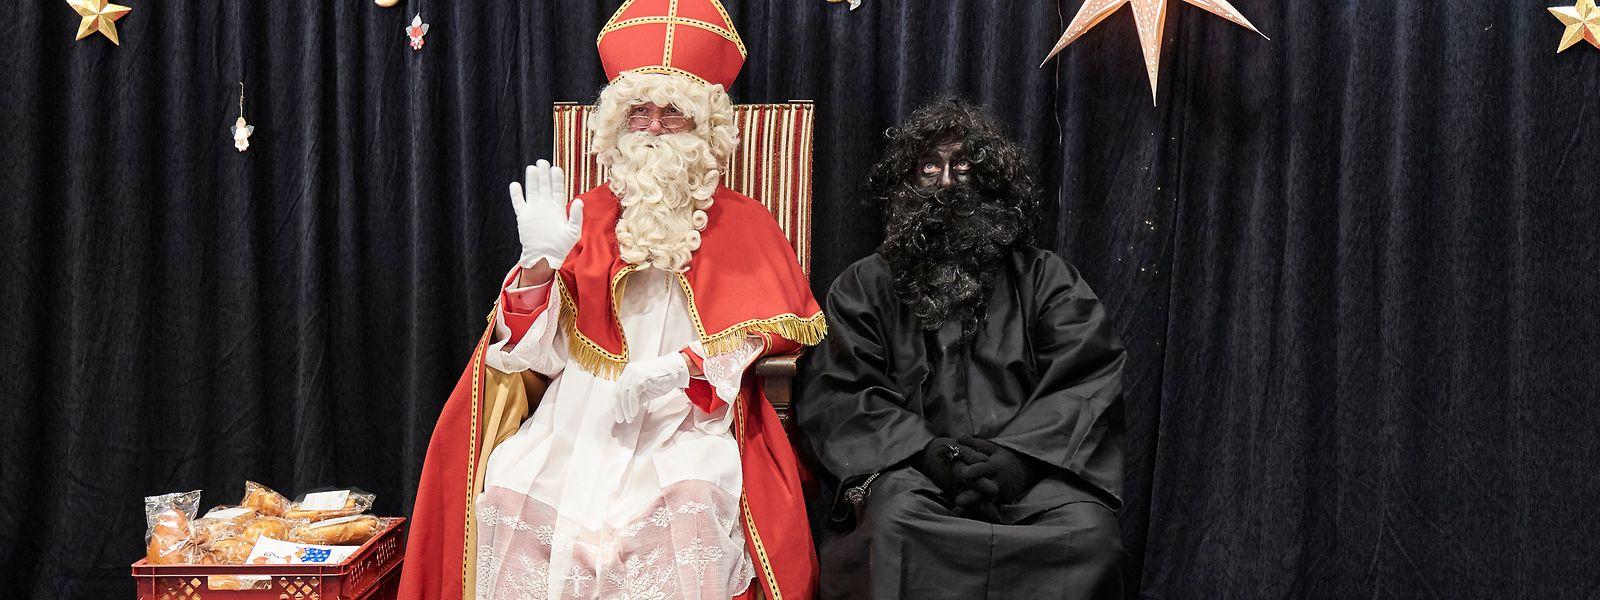 Laut Tradition bringt der Kleeschen die Geschenke in der Nacht zum 6. Dezember.